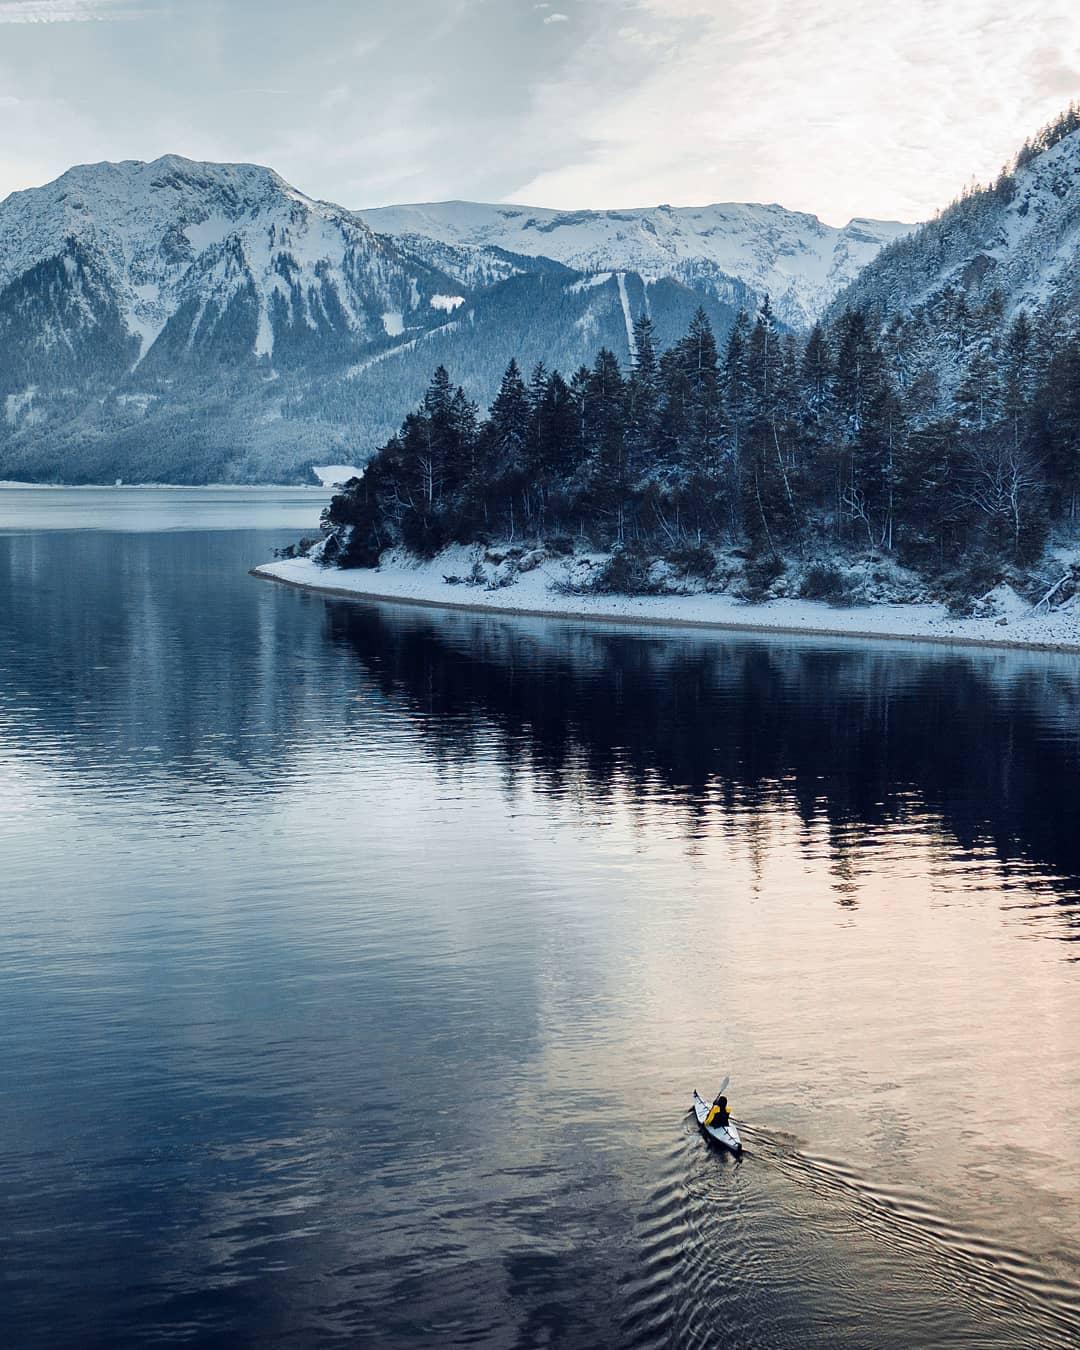 Удивительные горные пейзажи из путешествий Тома Клокера (ФОТО)